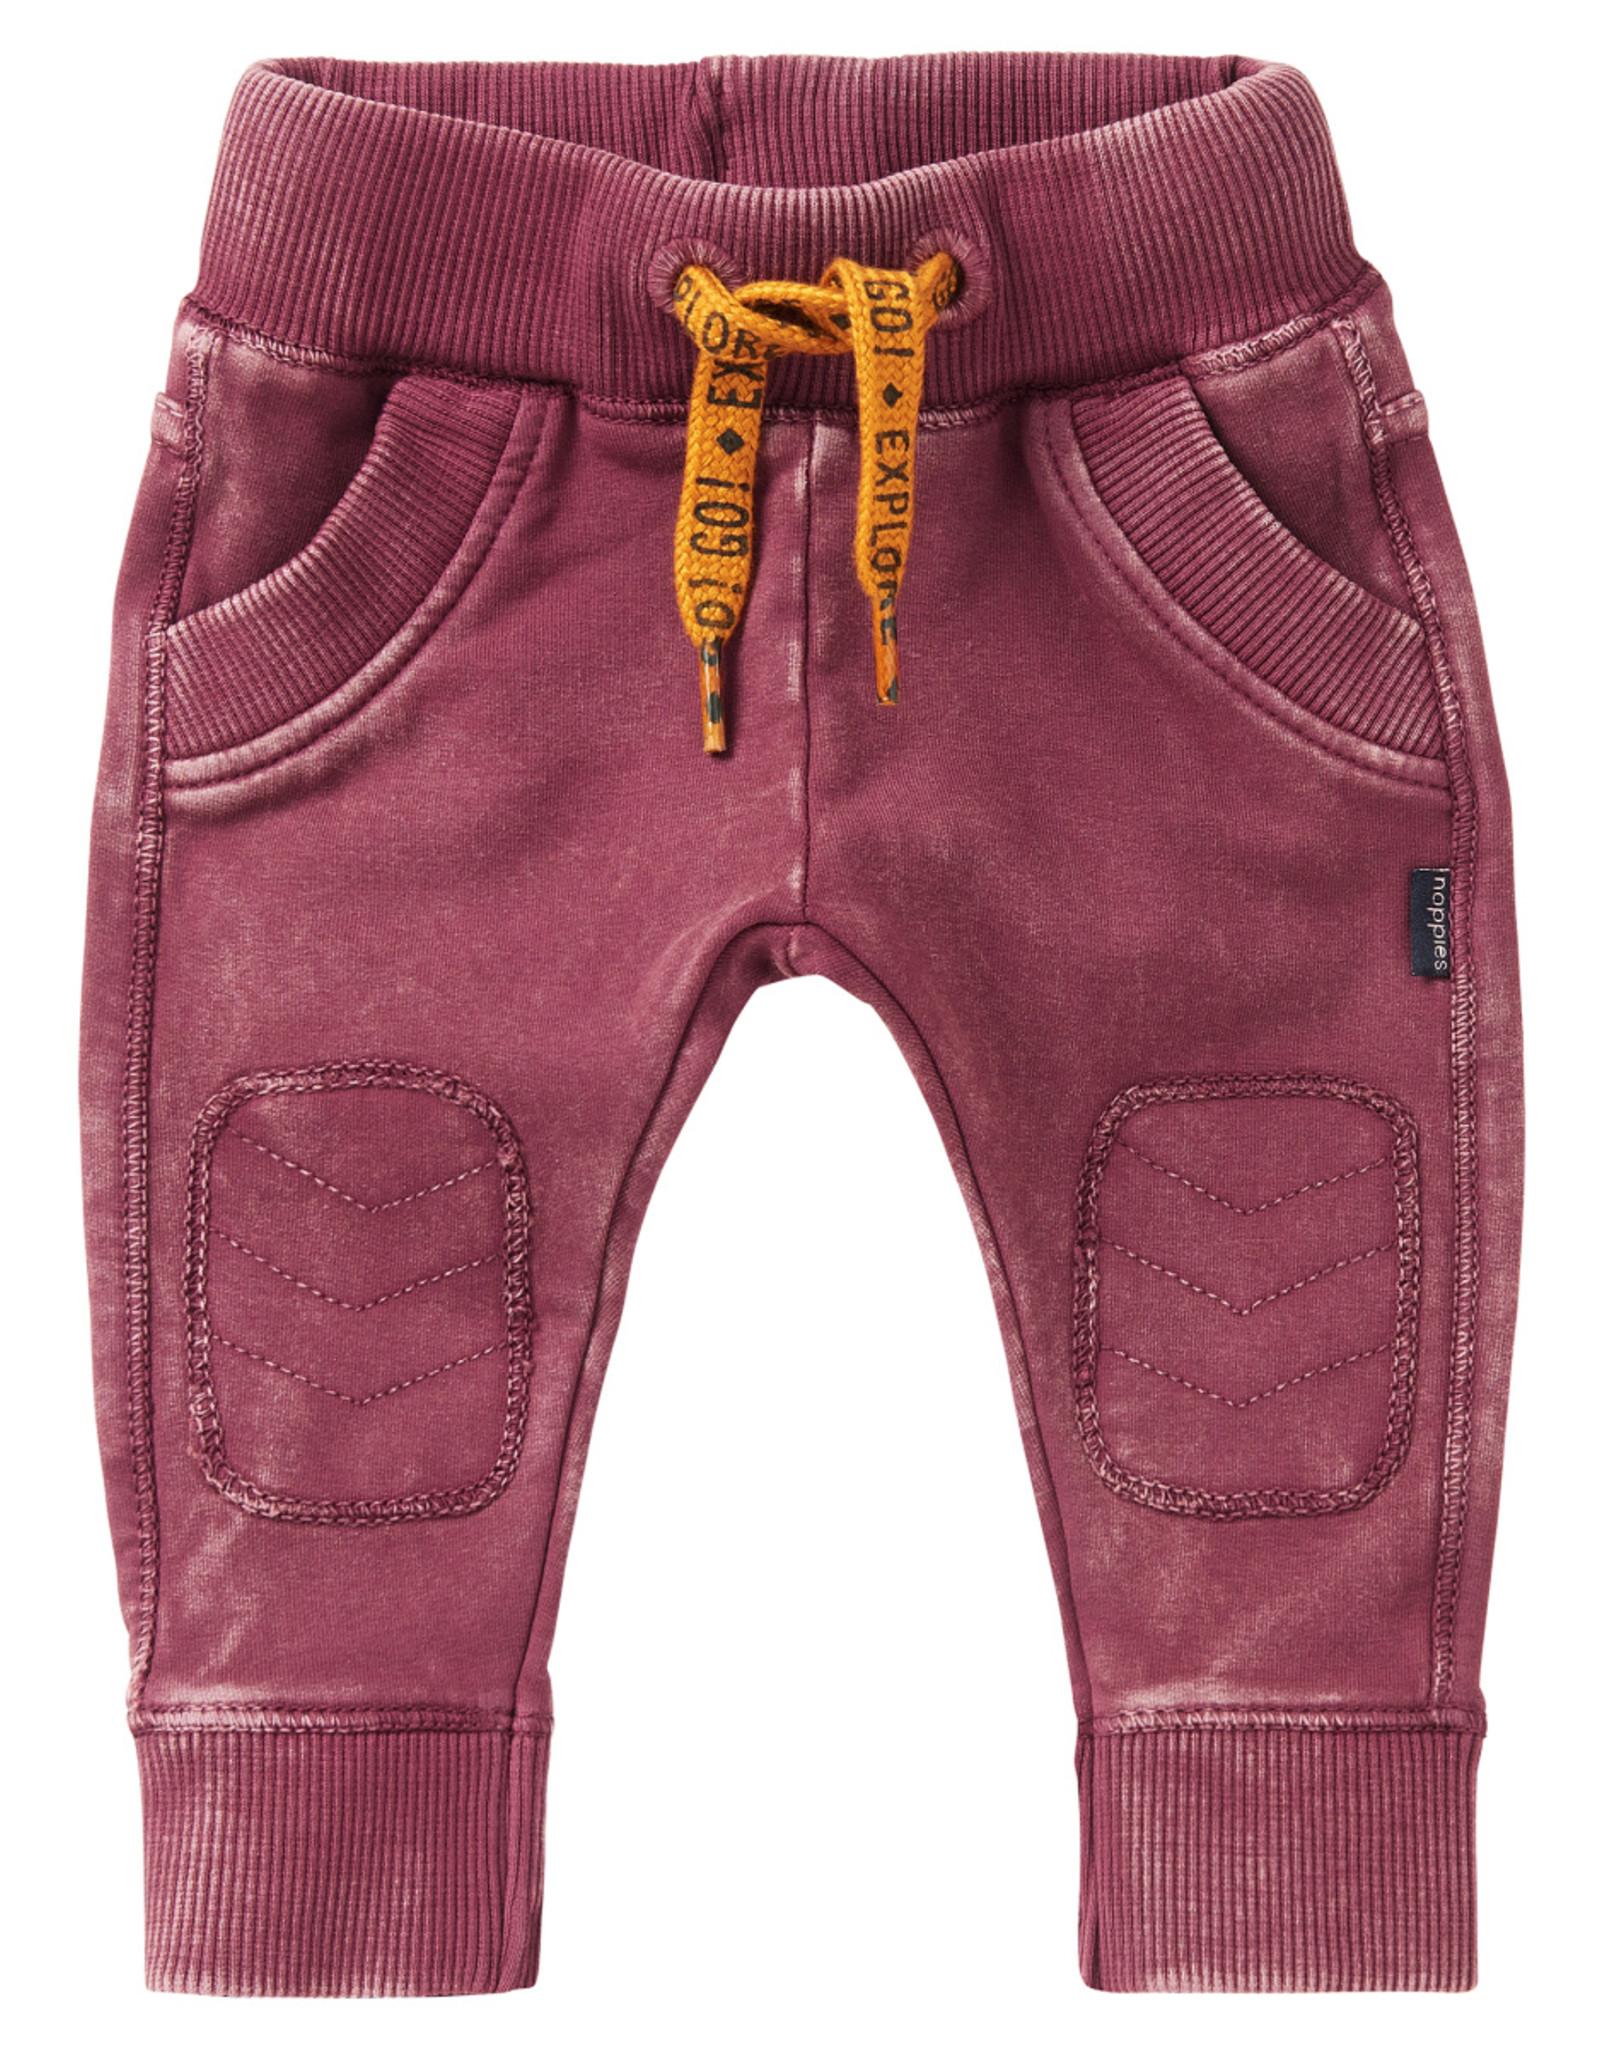 Noppies Noppies B Slim fit Pants Vredenburg Dutsy Red